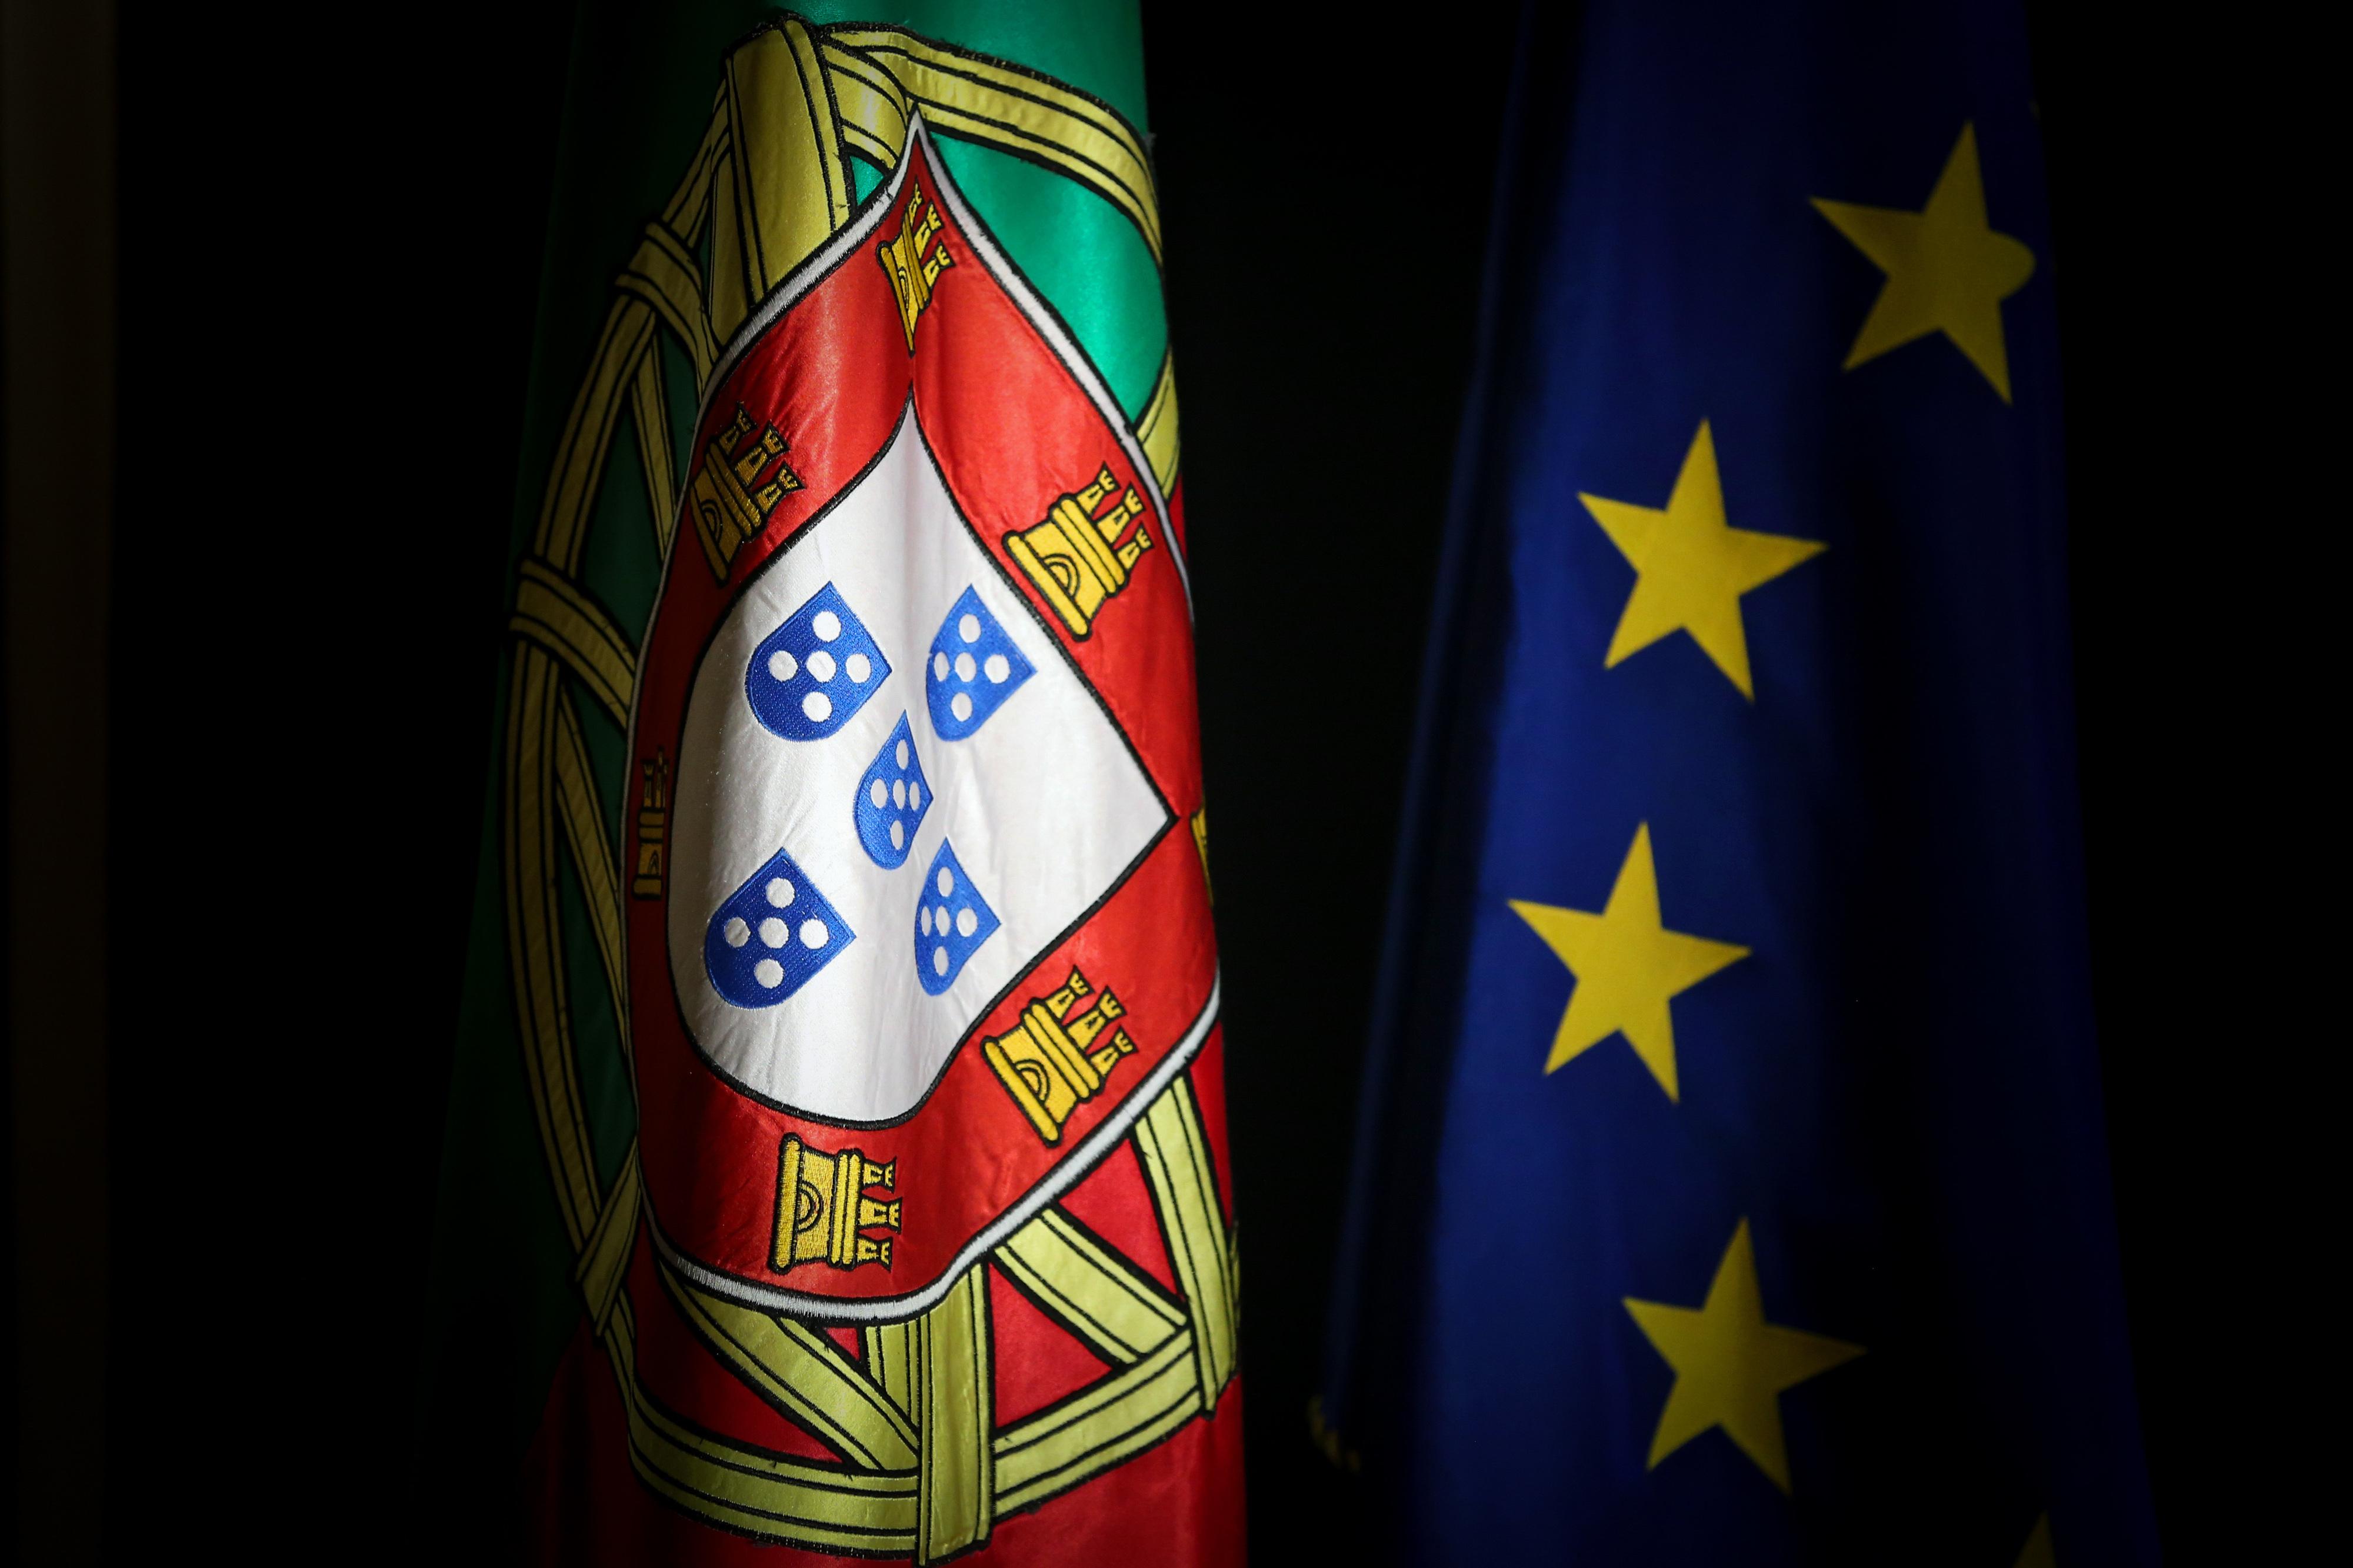 Portugal registou défice ajustado de 1,2% no último trimestre de 2018